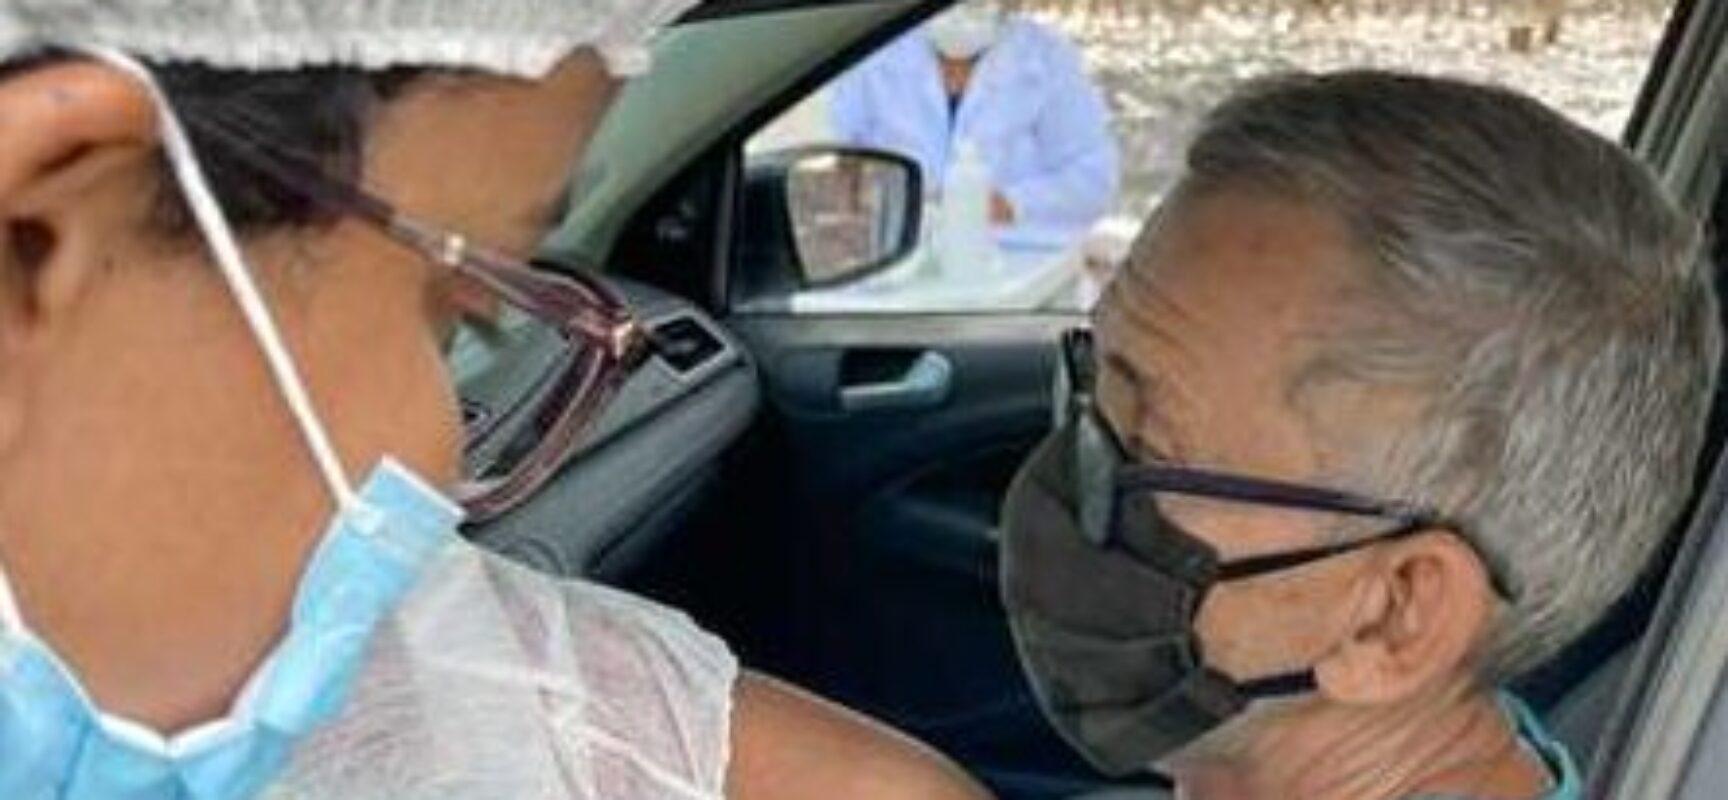 Covid-19: Público a partir de 49 anos será vacinado em Ilhéus nesta sexta-feira, 11